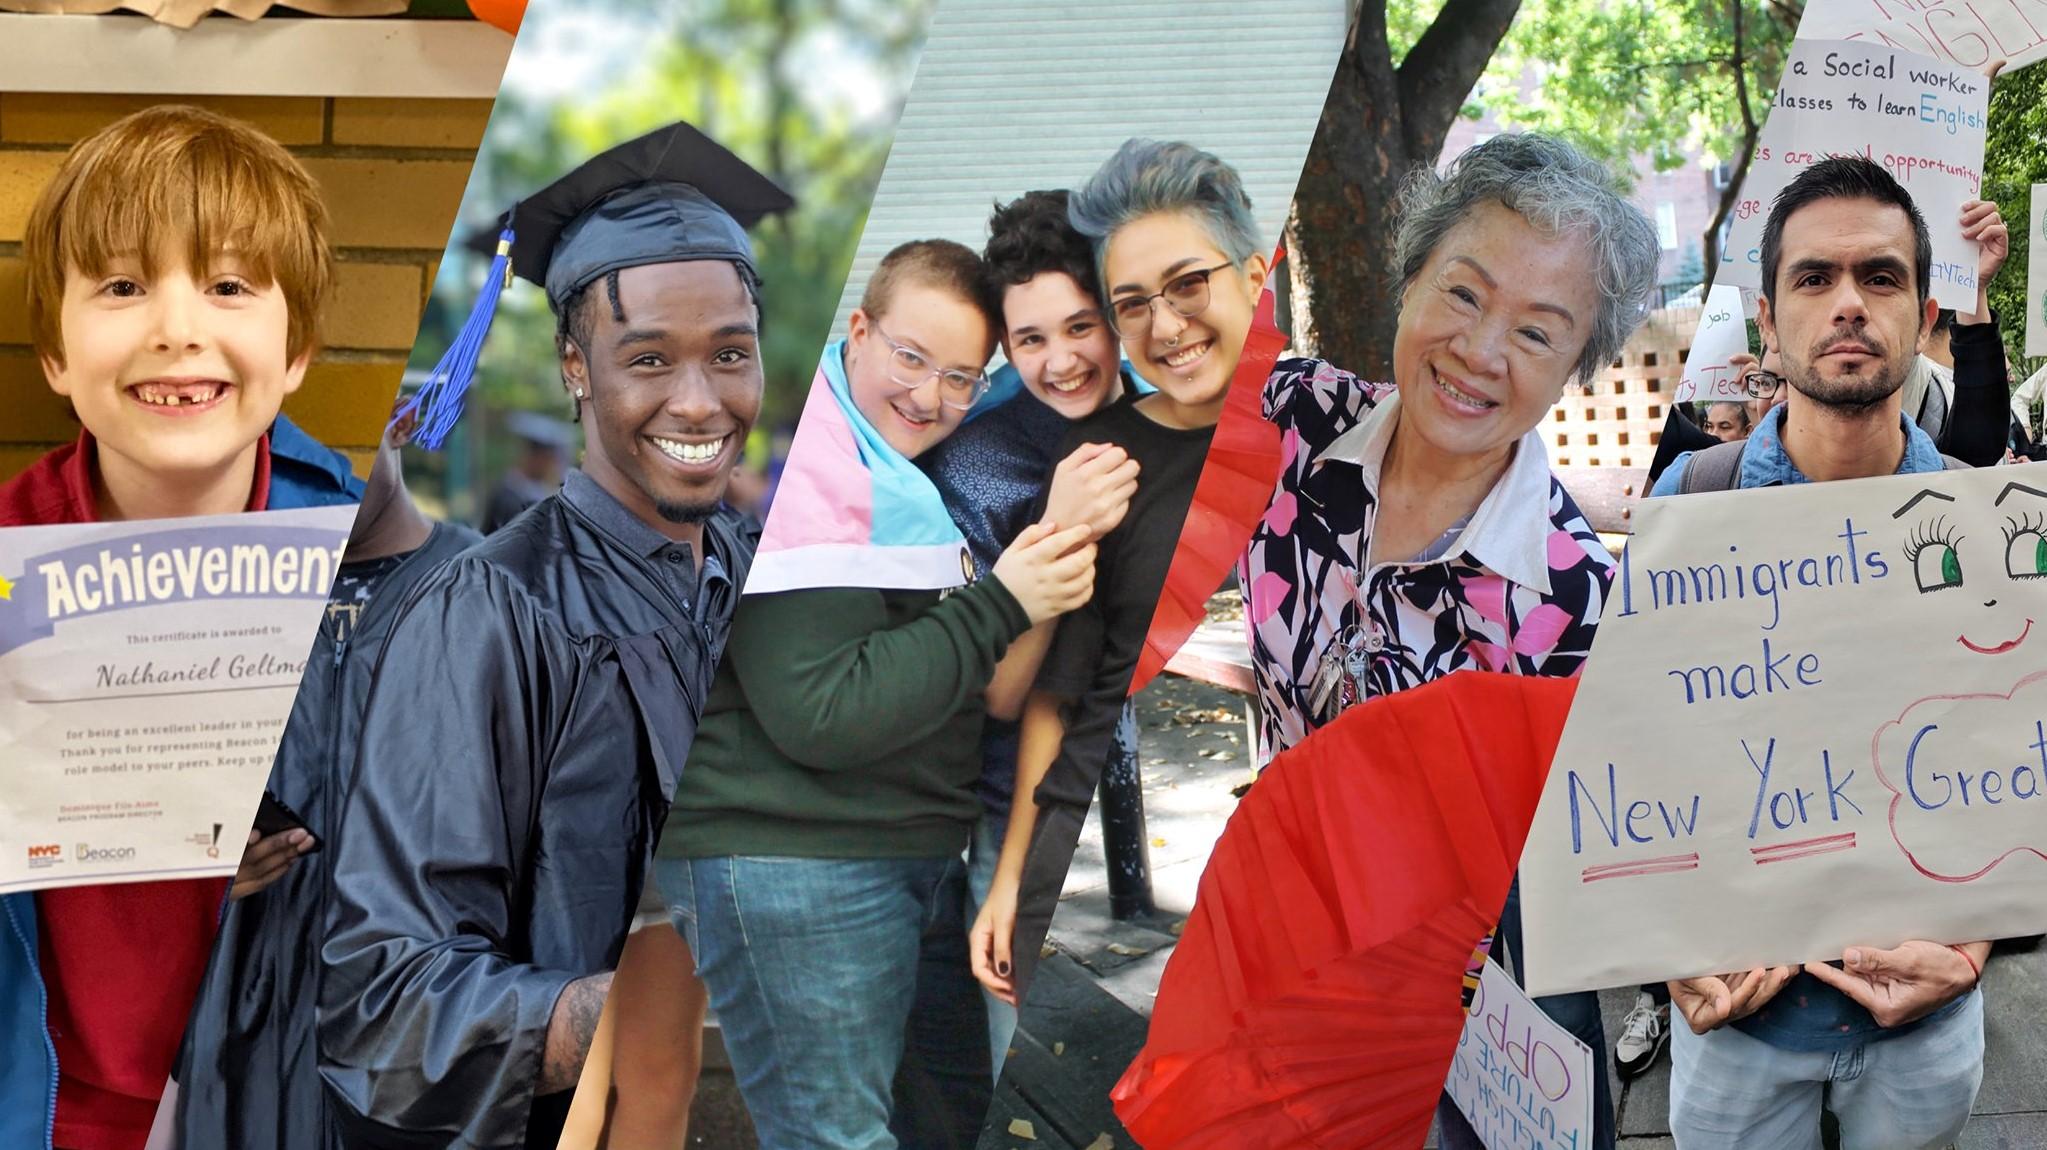 Community members smiling